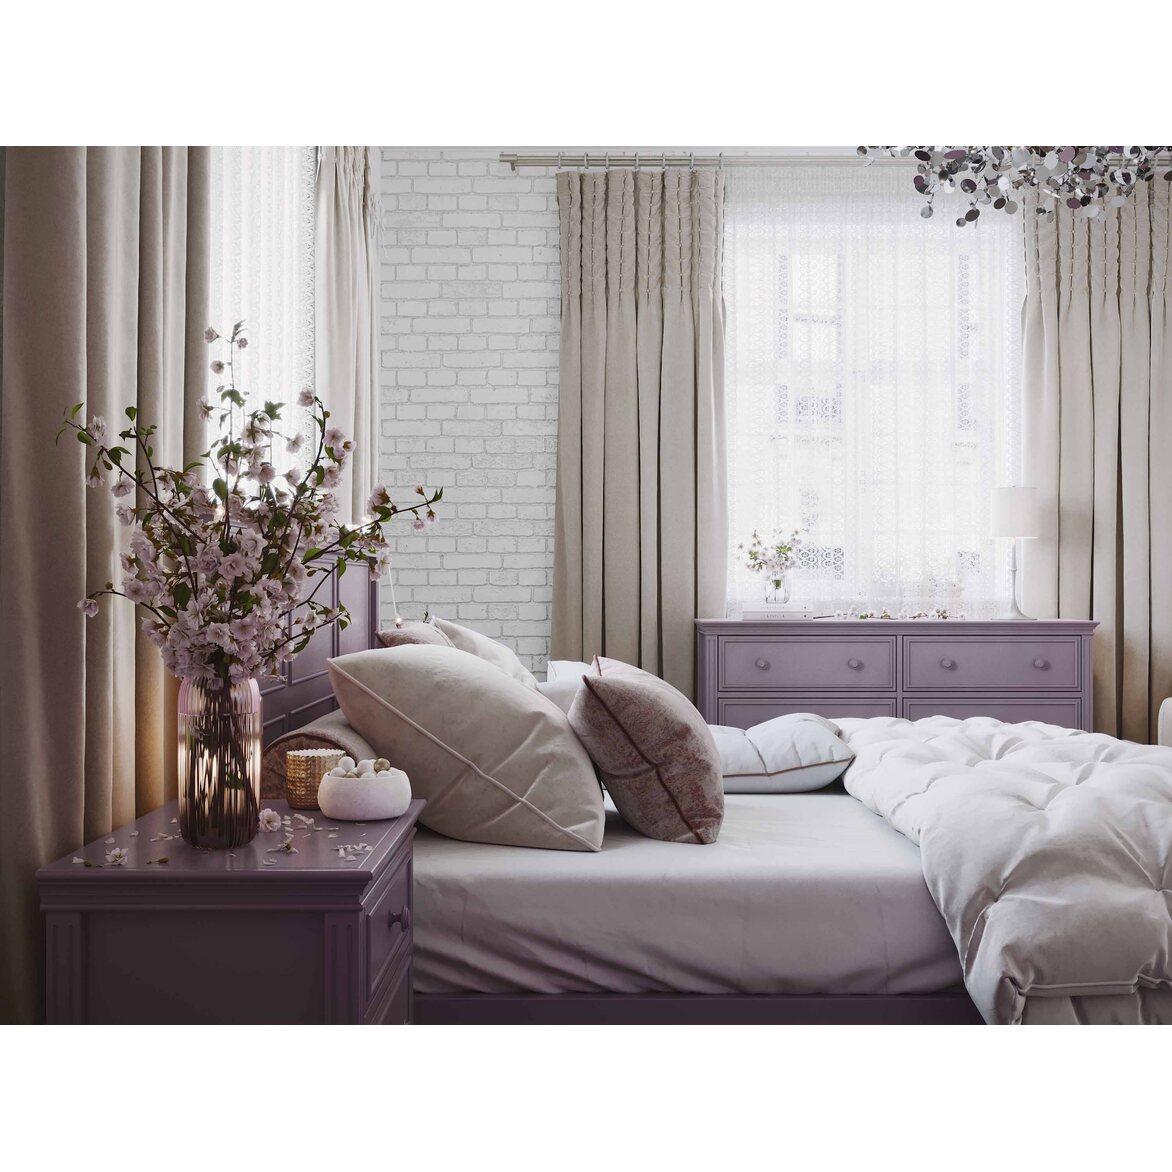 Кровать 160*200 Riverdi, орхидея 8 | Двуспальные кровати Kingsby